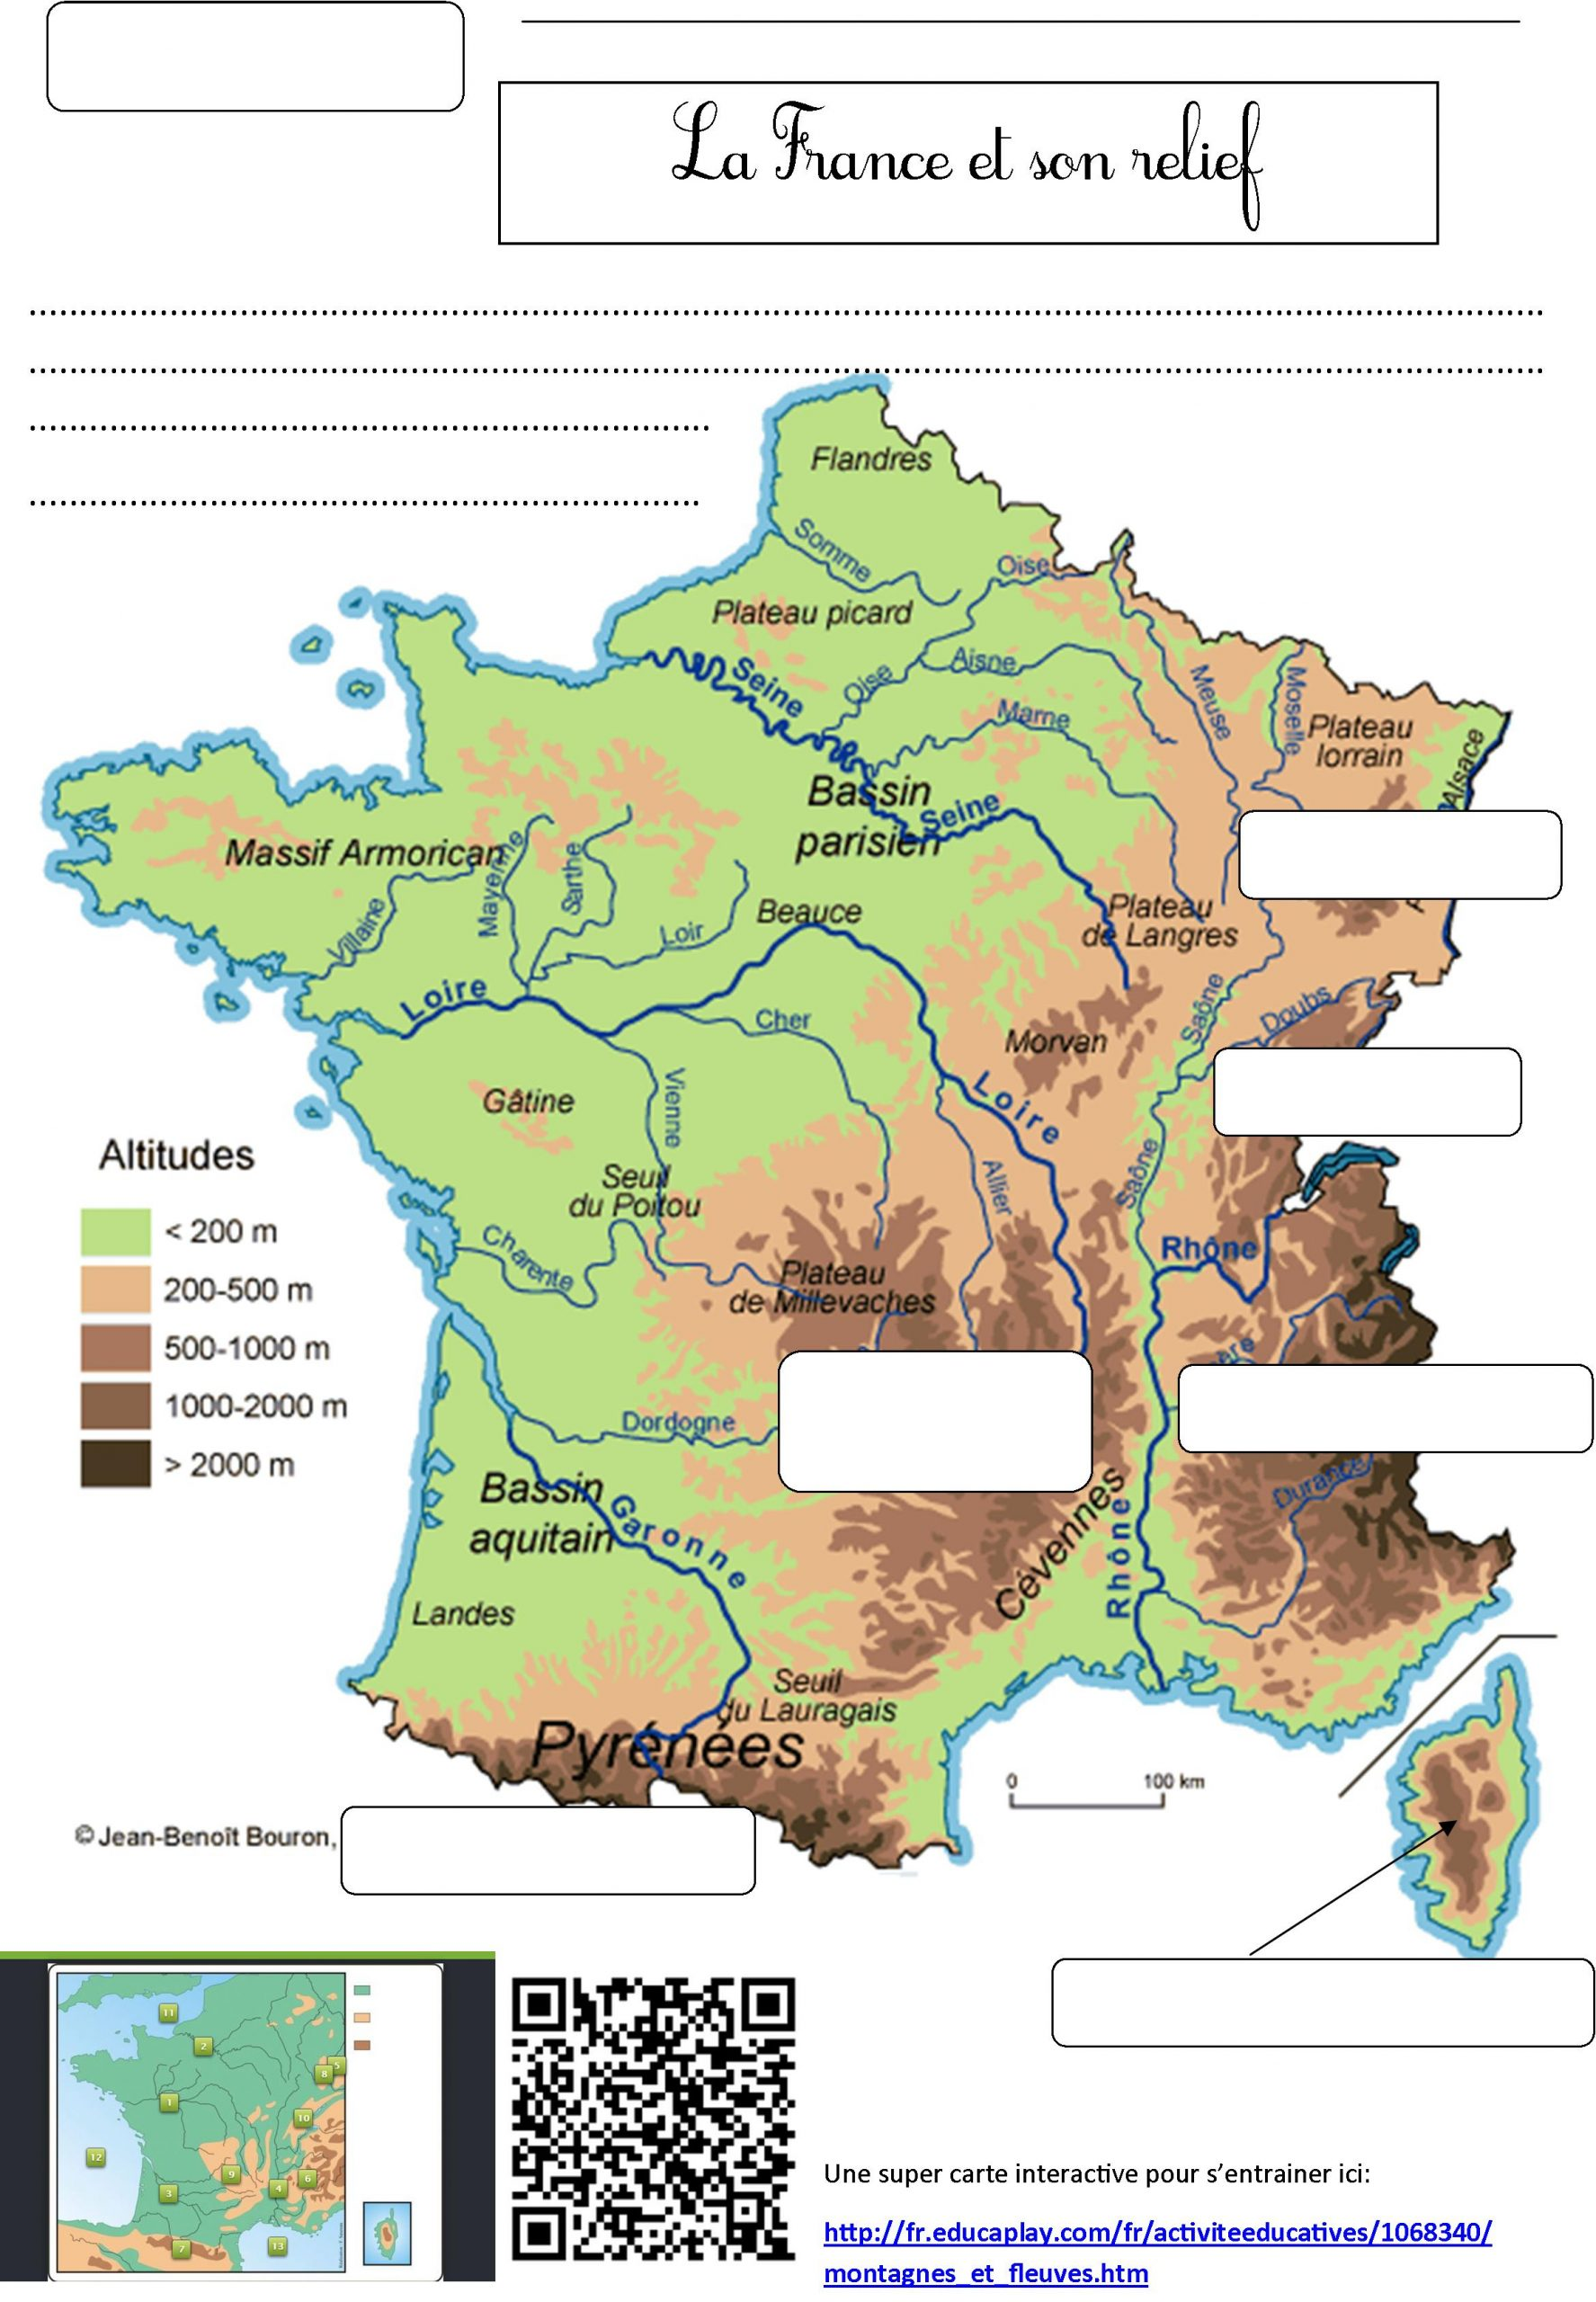 Fleuves De France   Le Blog De Monsieur Mathieu intérieur Carte De France Ce1